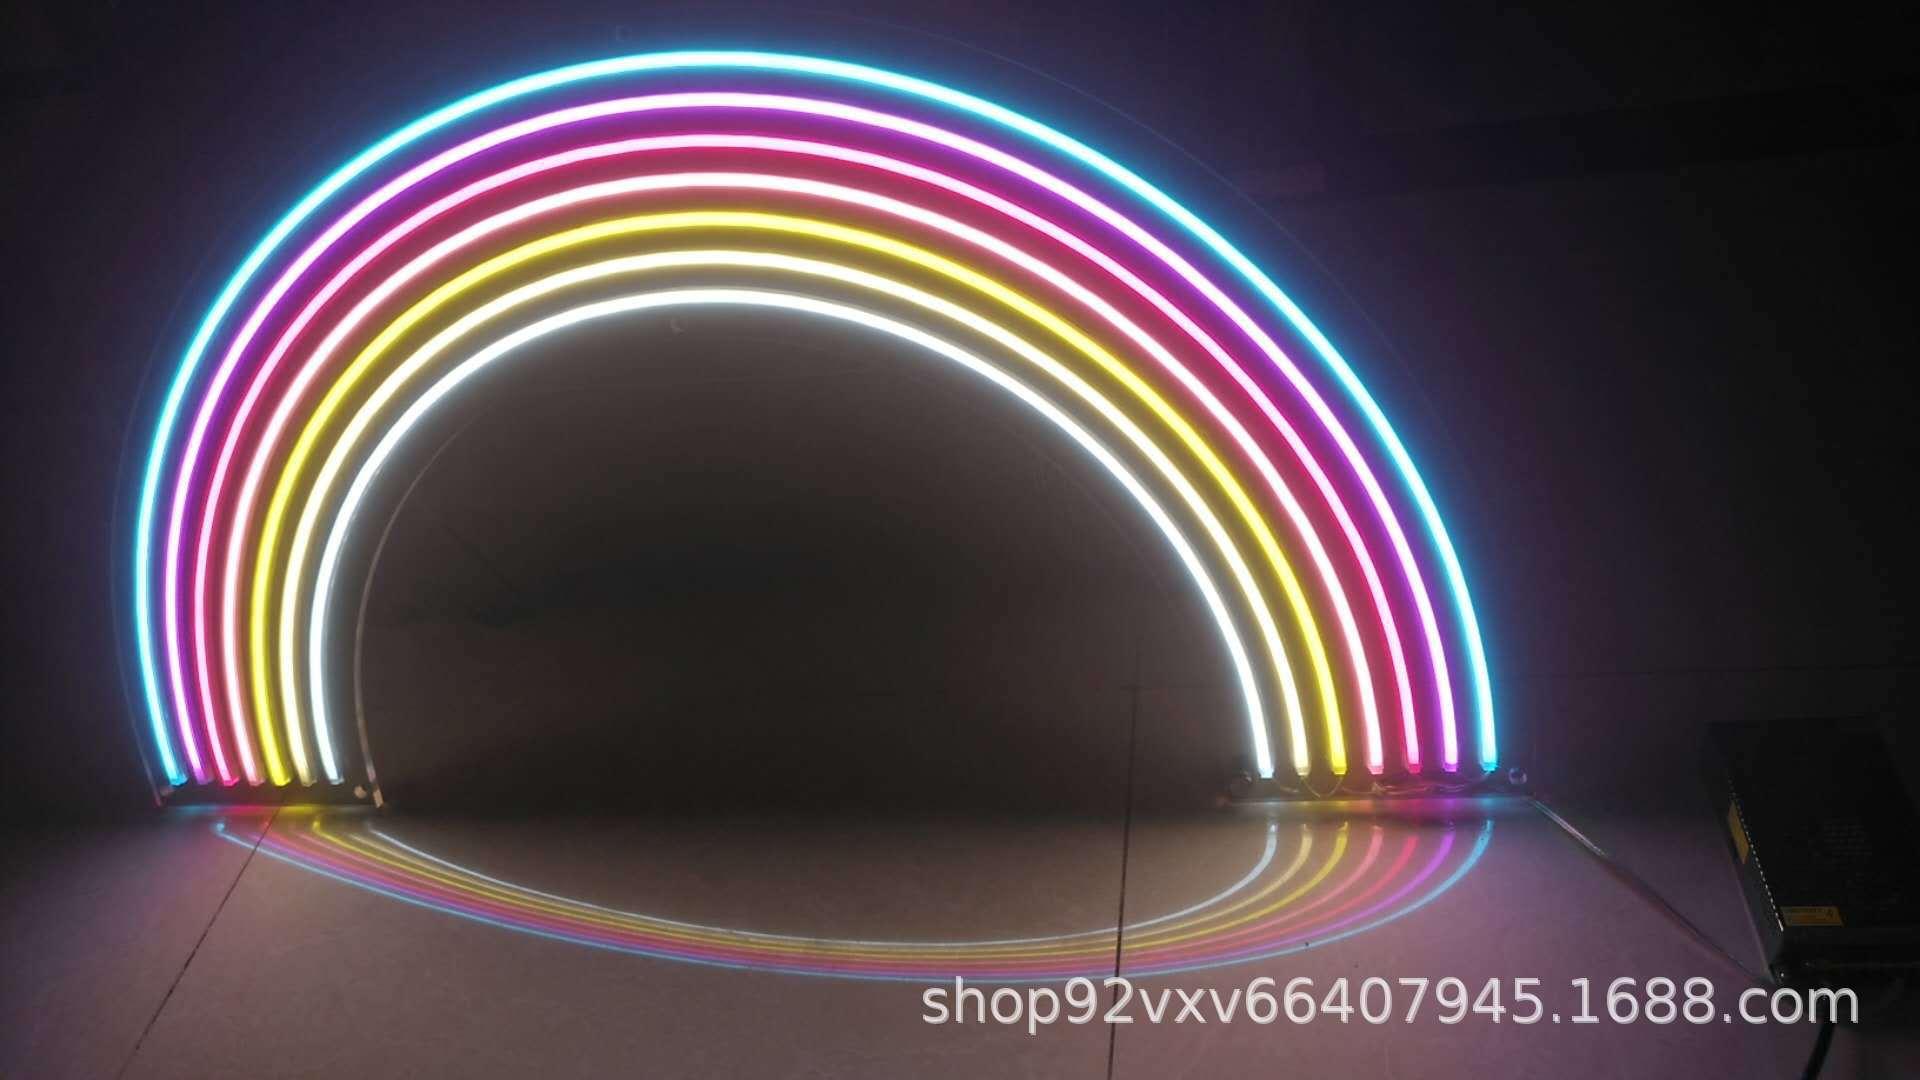 Những chiếc đèn Led sáng đơn sắc màu cầu vồng 12V mang kiểu dáng đèn neon đưa quảng cáo đúc chữ